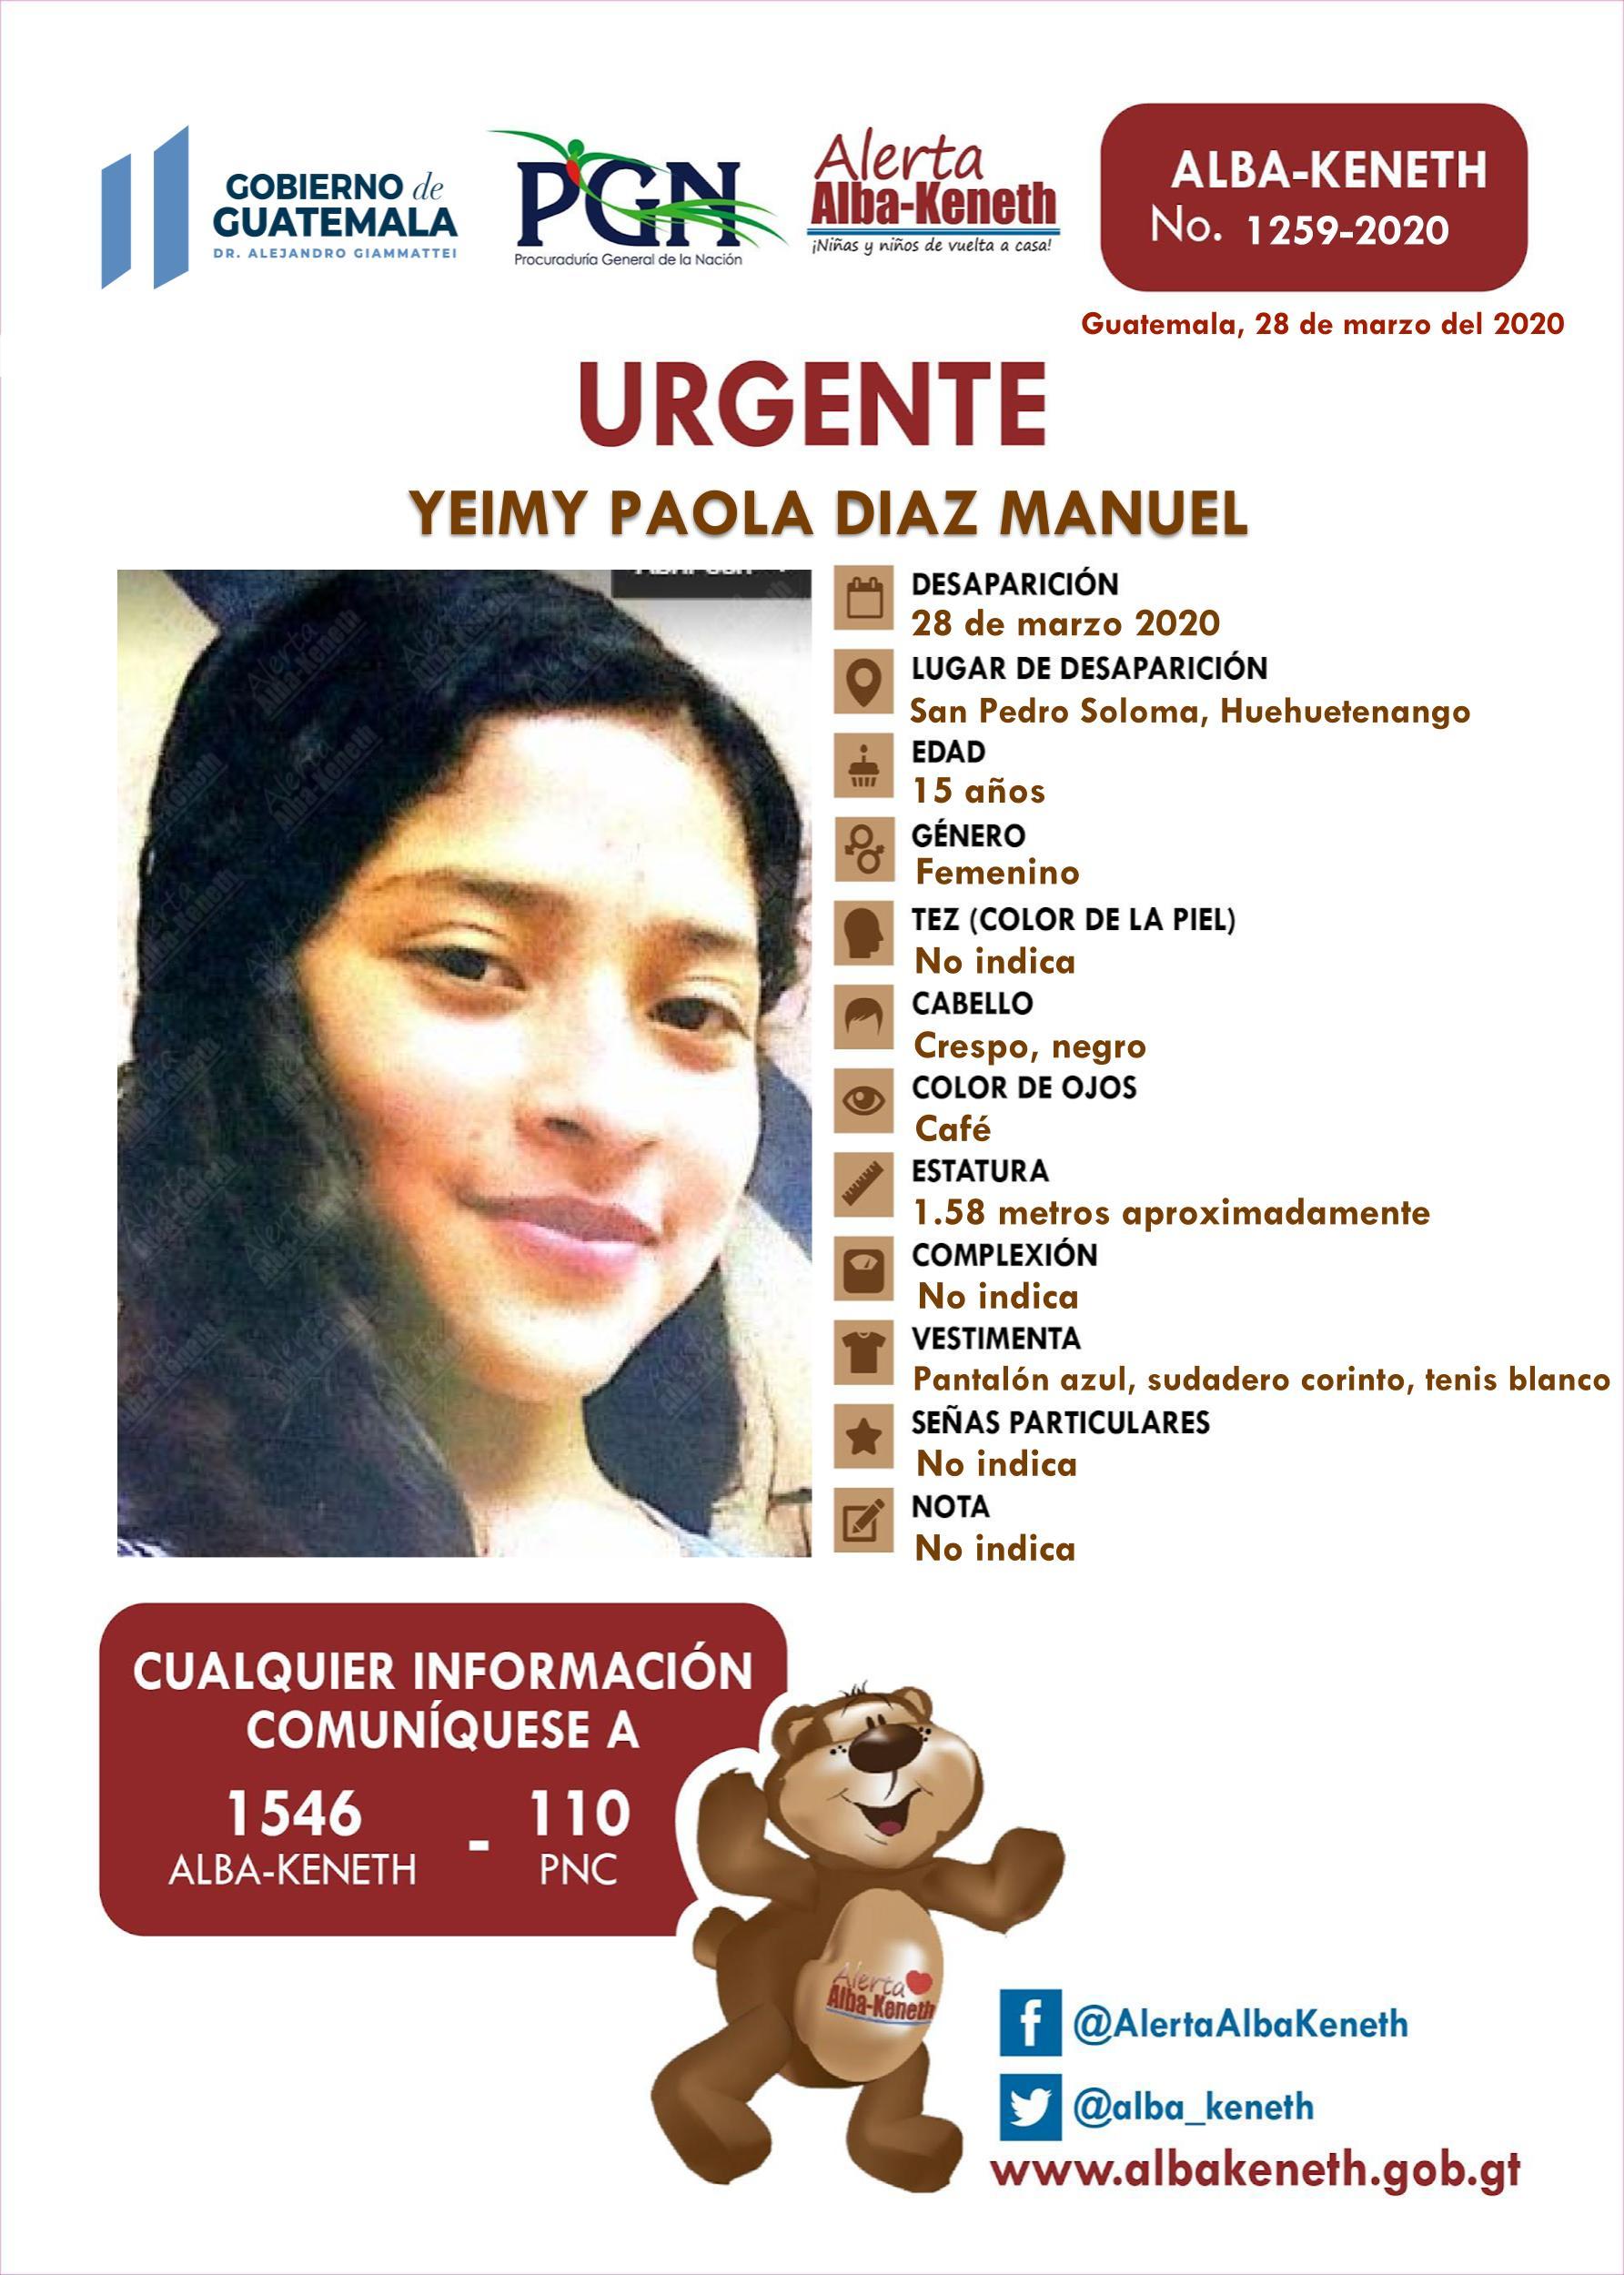 Yeimy Paola Diaz Manuel